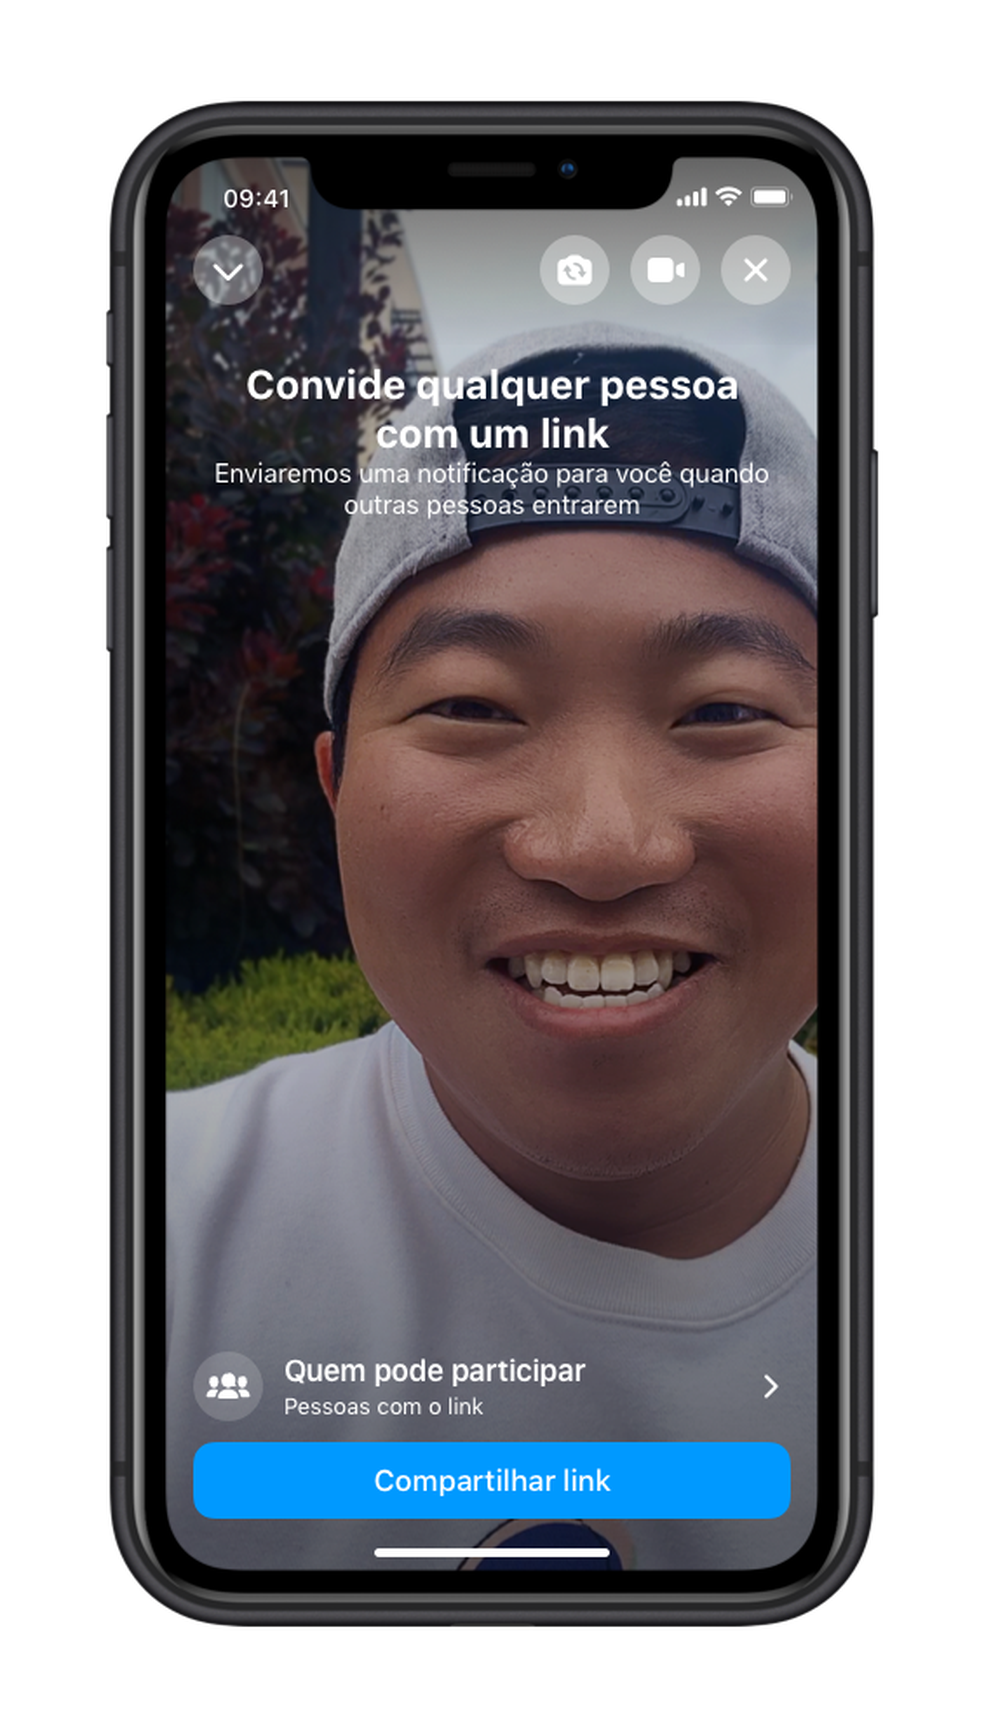 Facebook lança recurso Rooms para o Messenger, buscando facilitar acesso a chamadas em vídeo. — Foto: Divulgação/Facebook